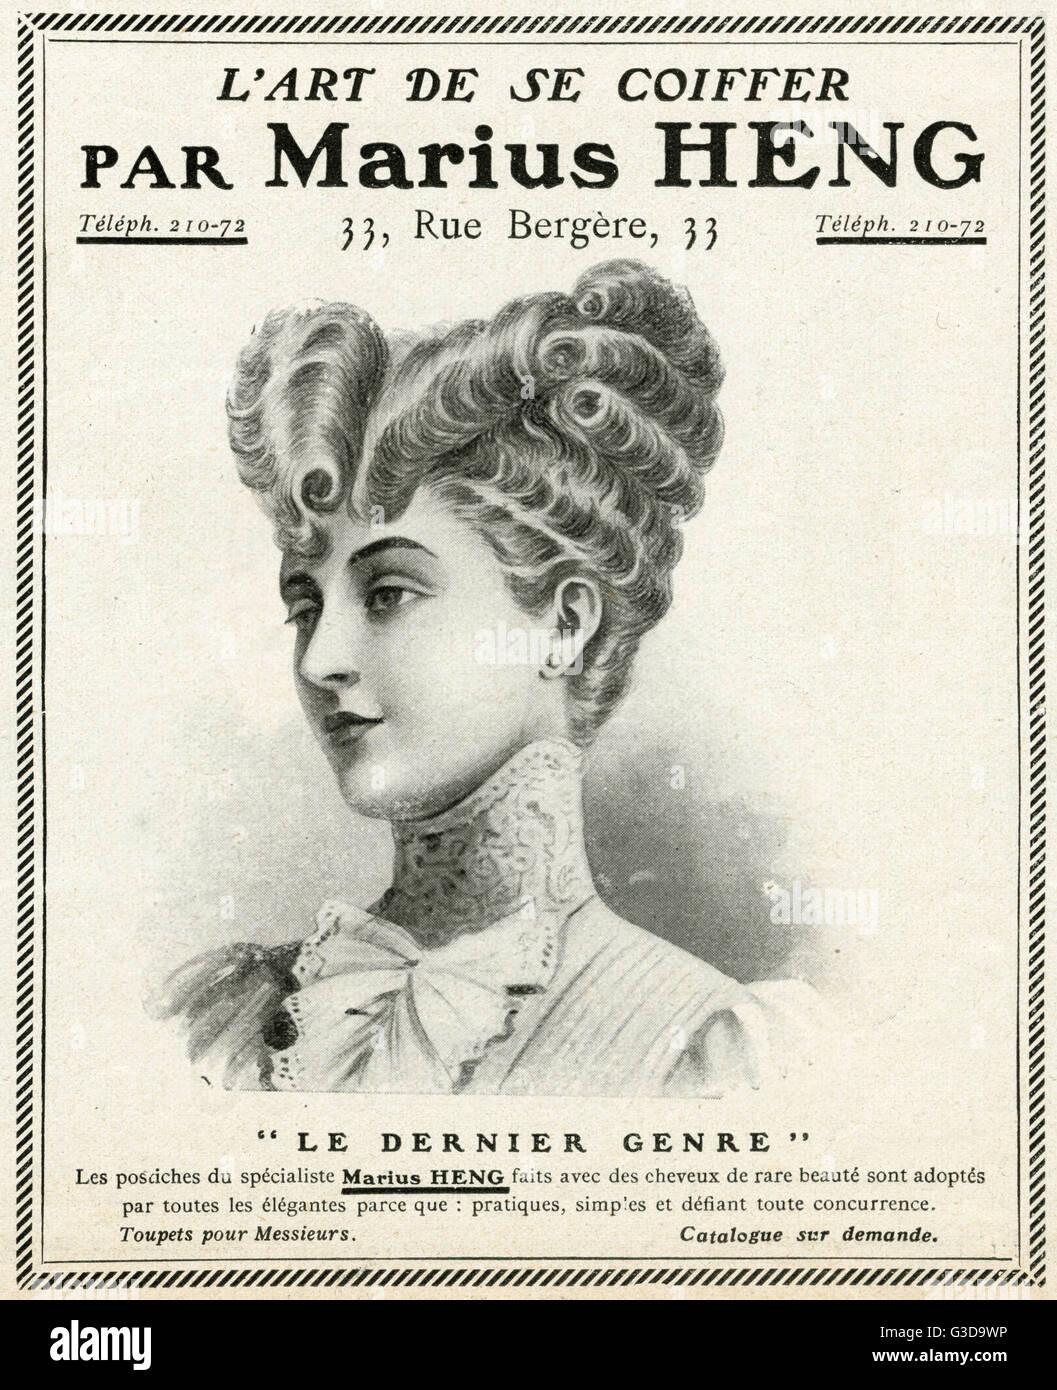 Elegante Dame mit einem Pompadour-Frisur, die für einen Dreispitz Hut, niedrige Krone und breiter Krempe passend Stockbild